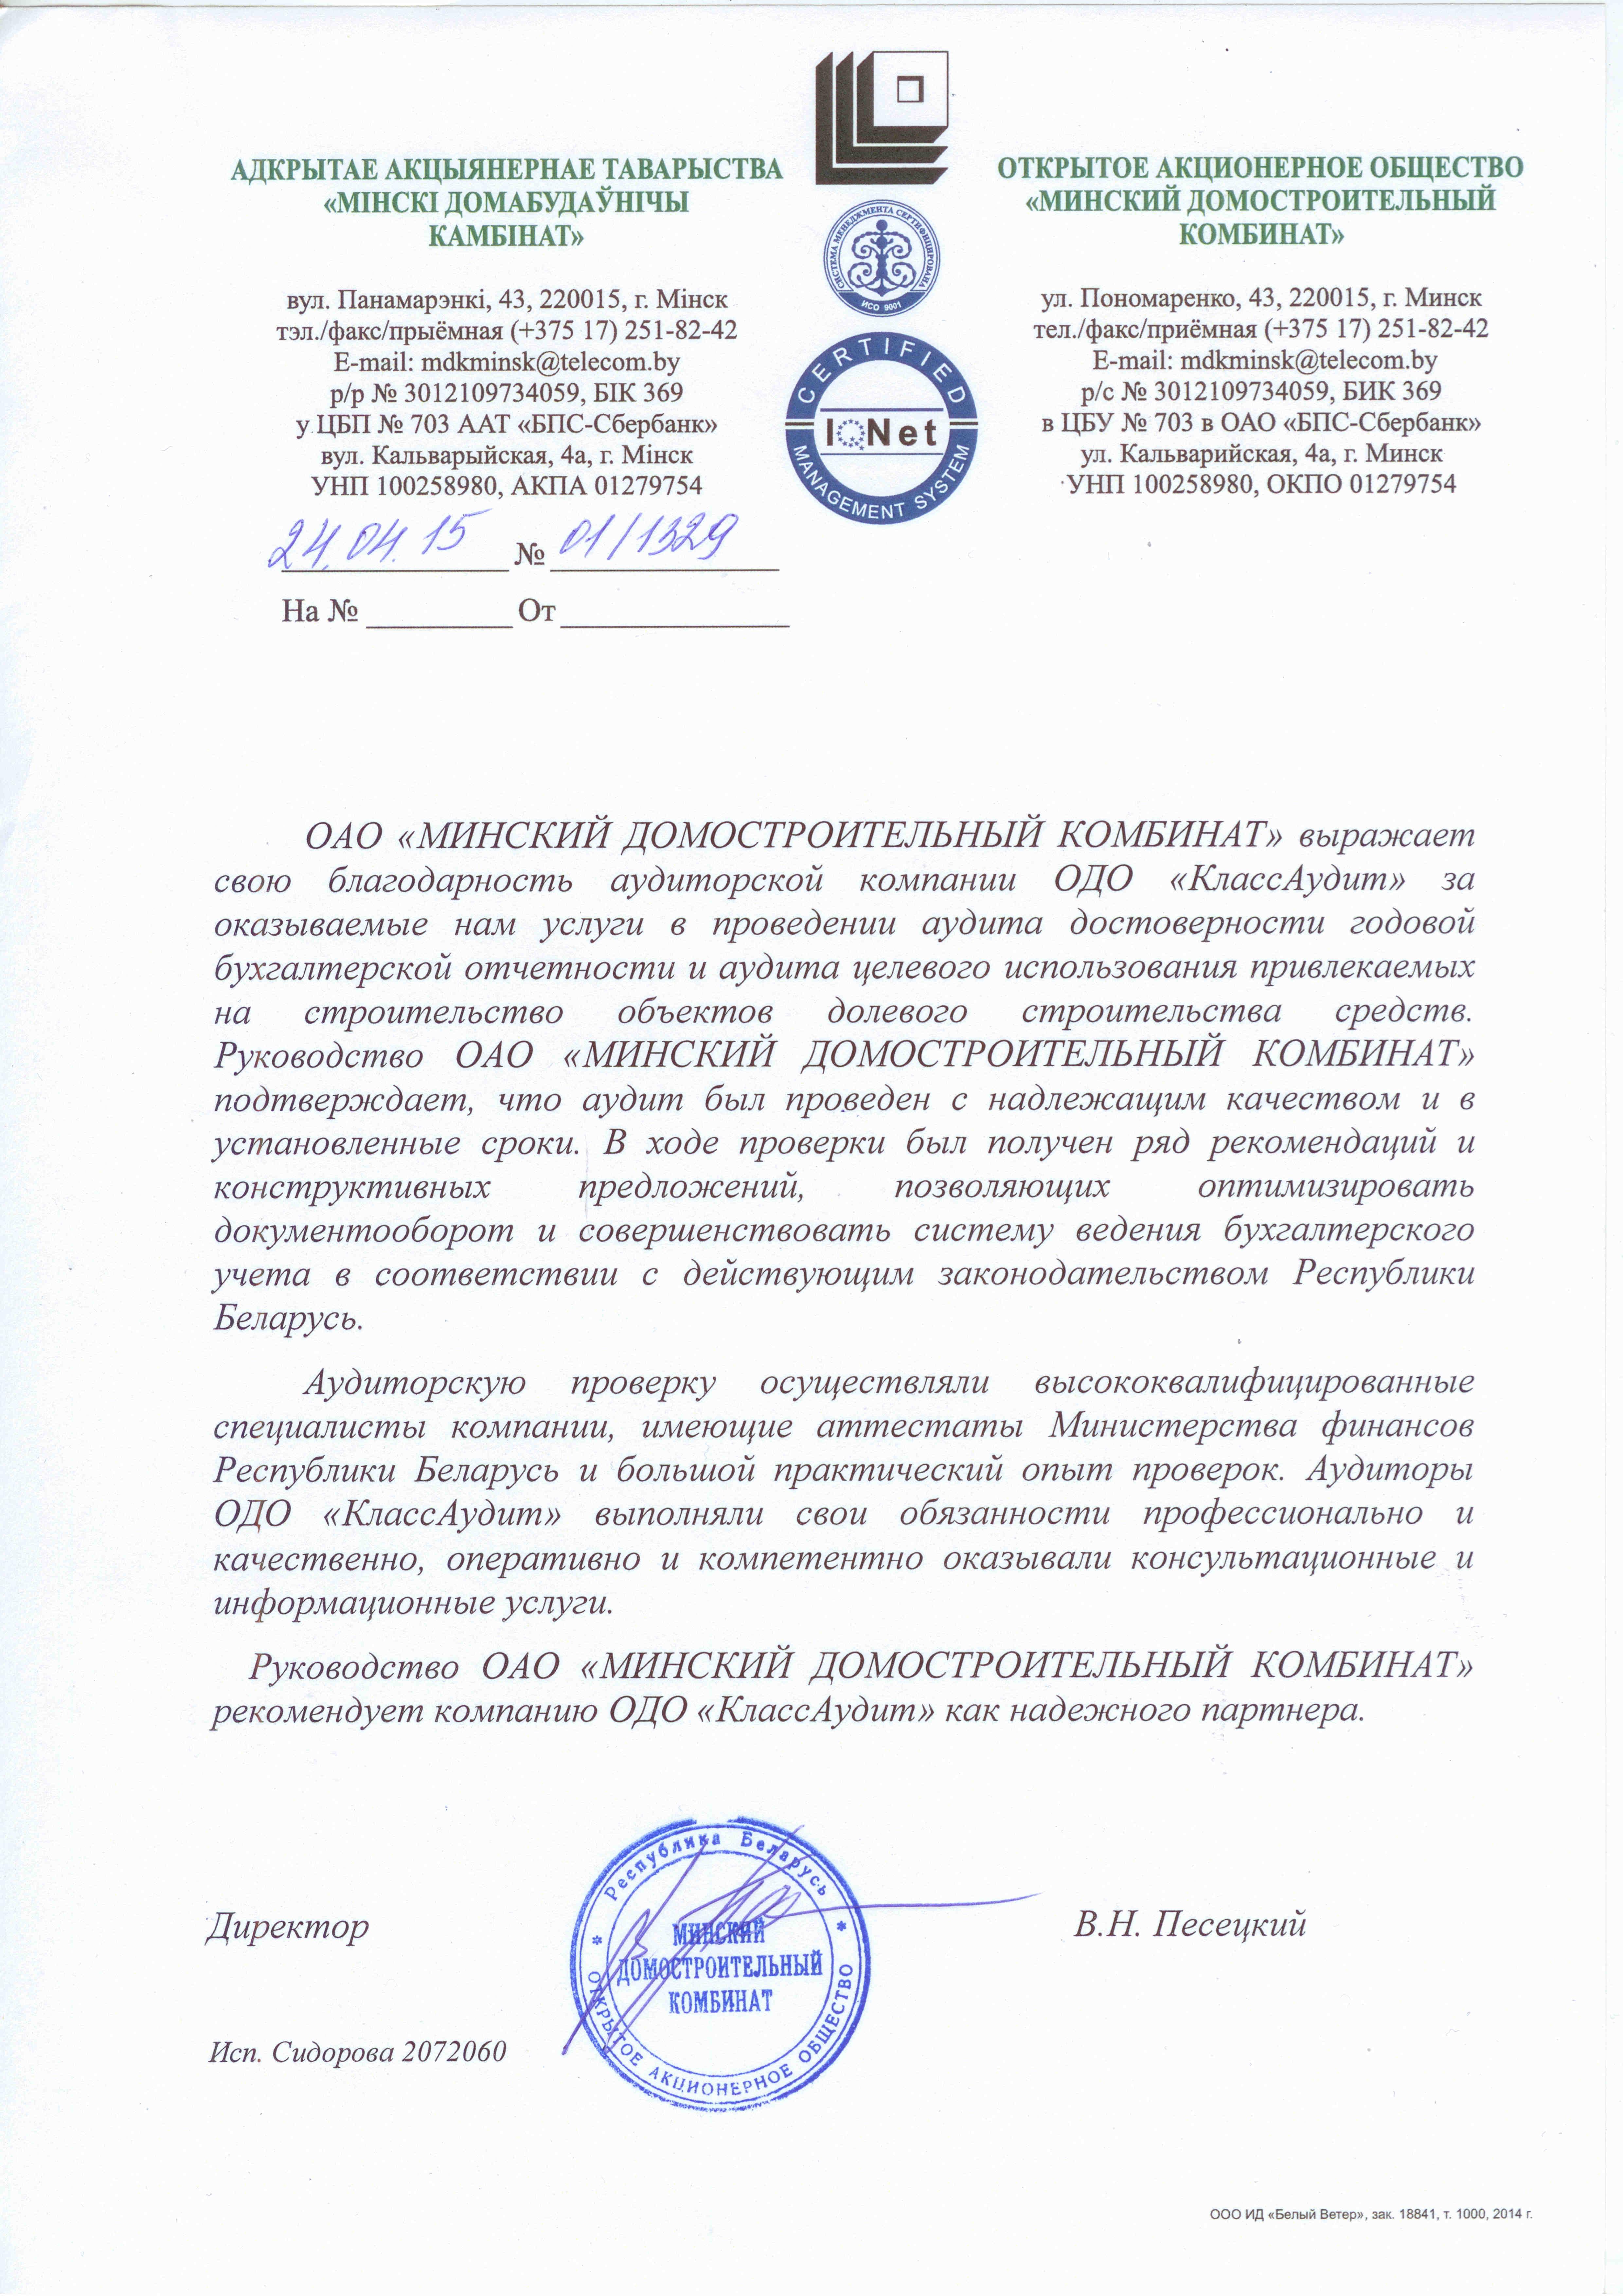 ОАО «Минский домостроительный комбинат»